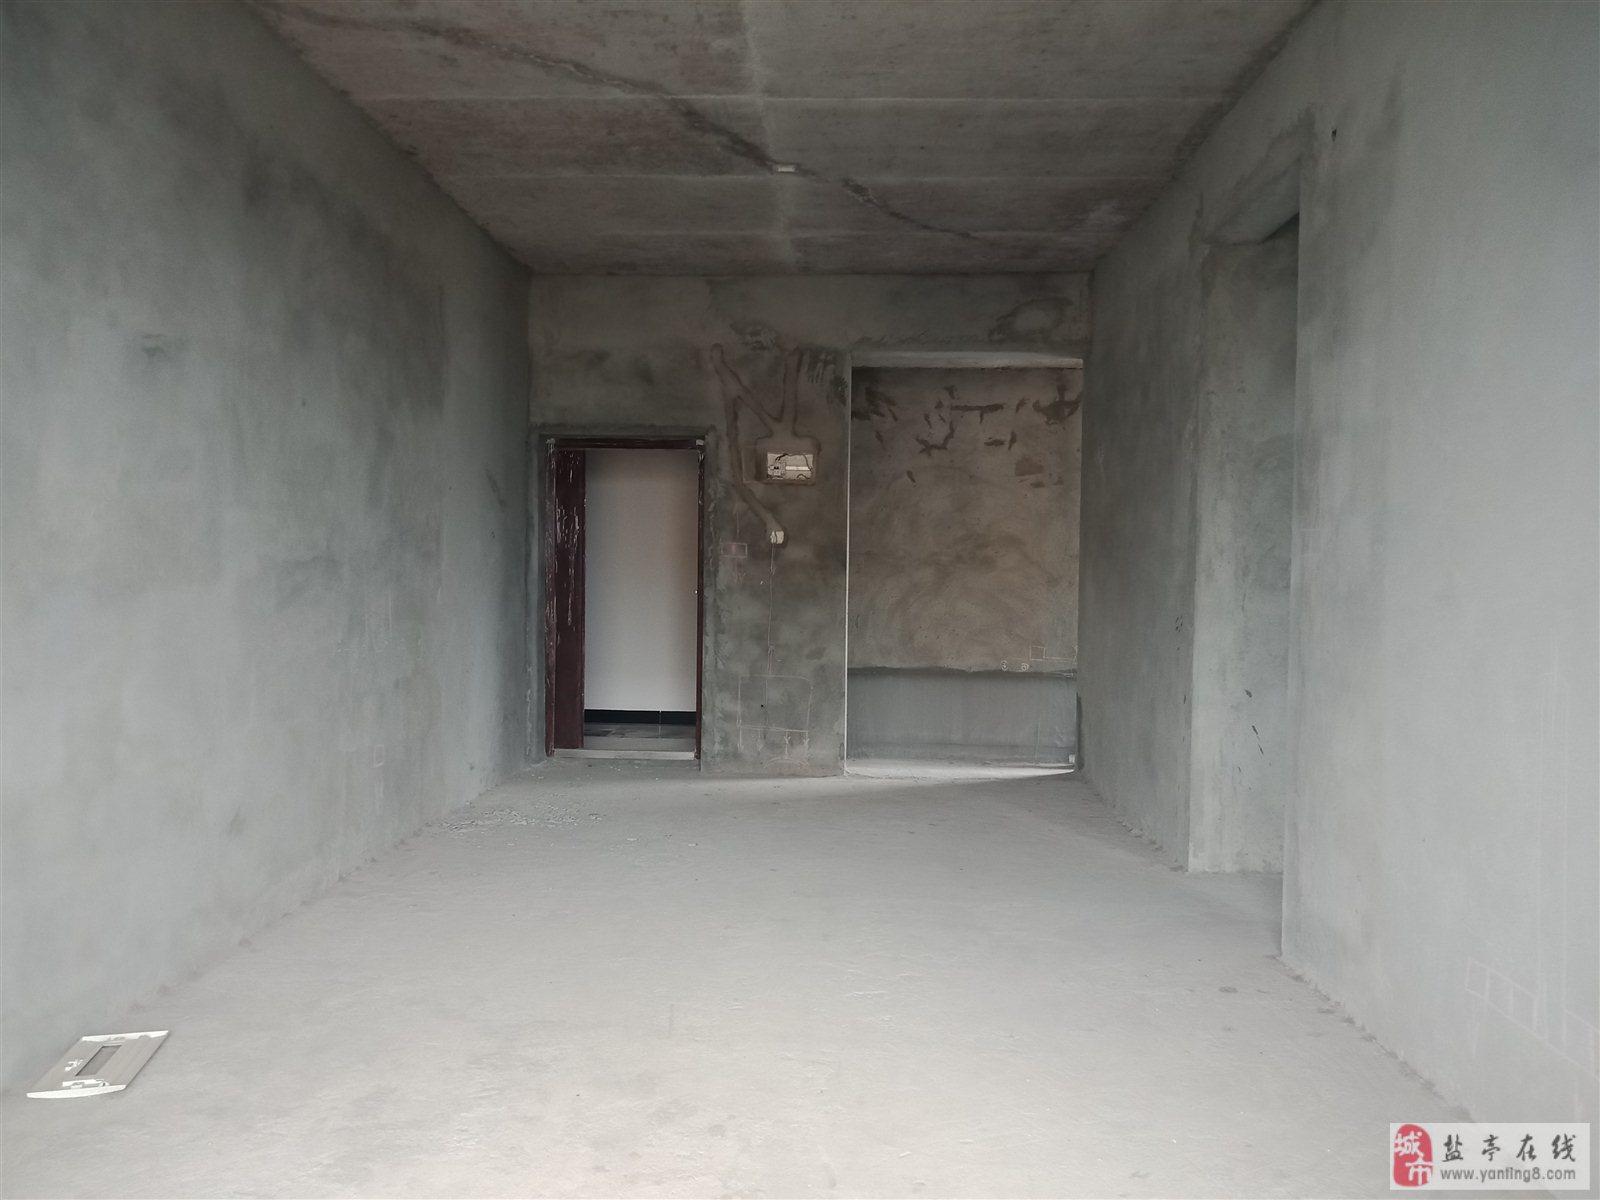 宏博·梓江锦城3室 2厅 2卫39.8万元